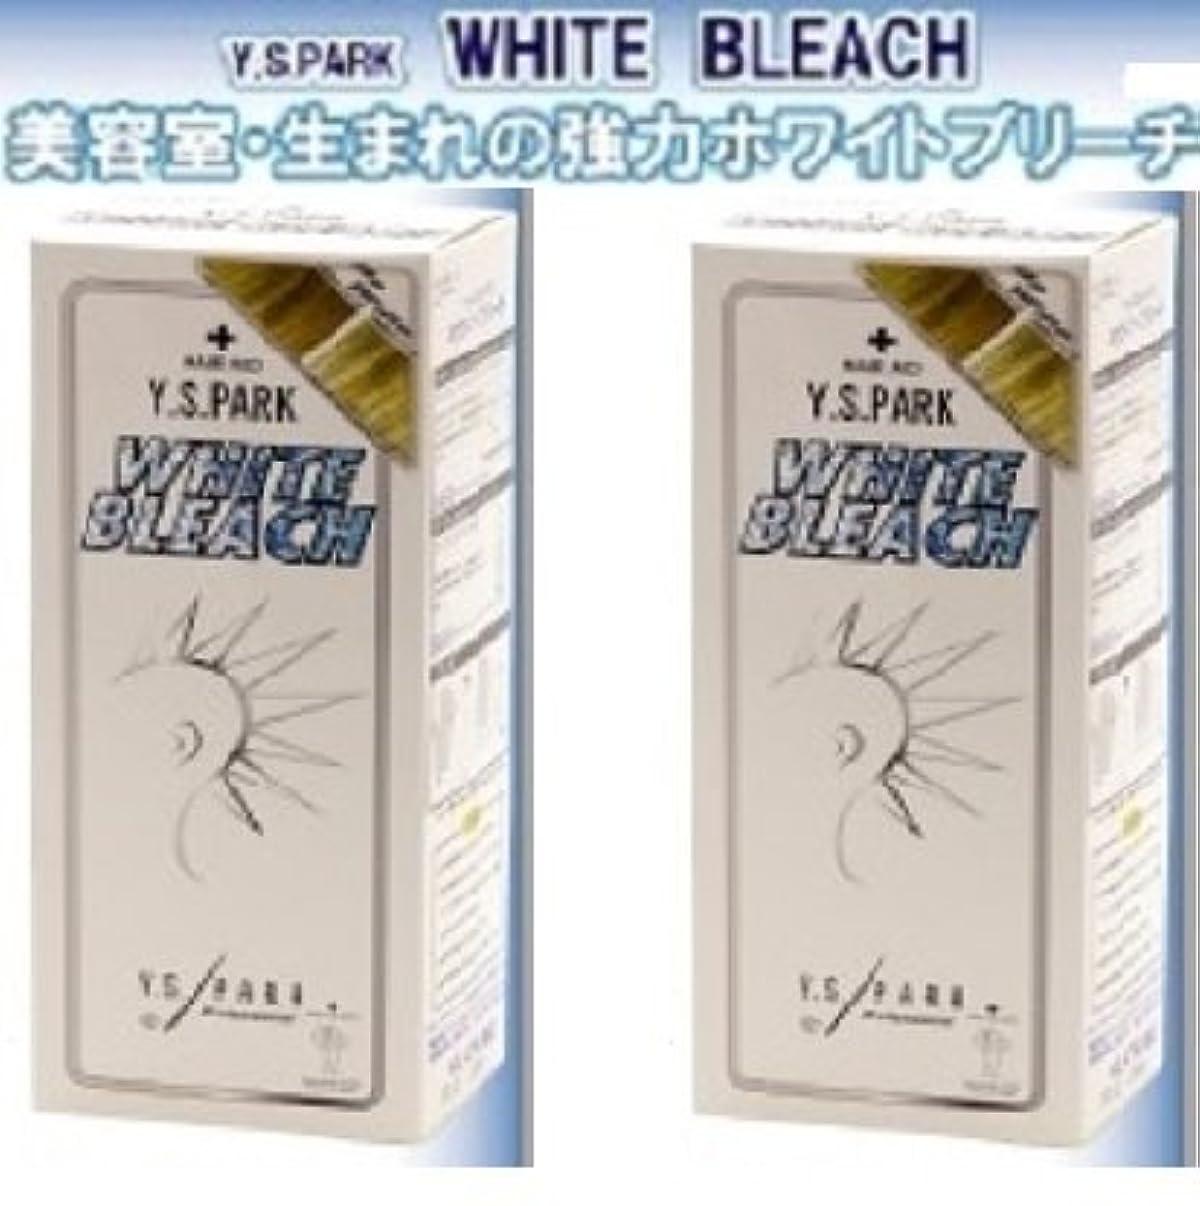 パーティー不要思想【YSPARK 】ホワイトブリーチ ×2個セット(お得な2個組)美容室生まれの強力ホワイトブリーチ